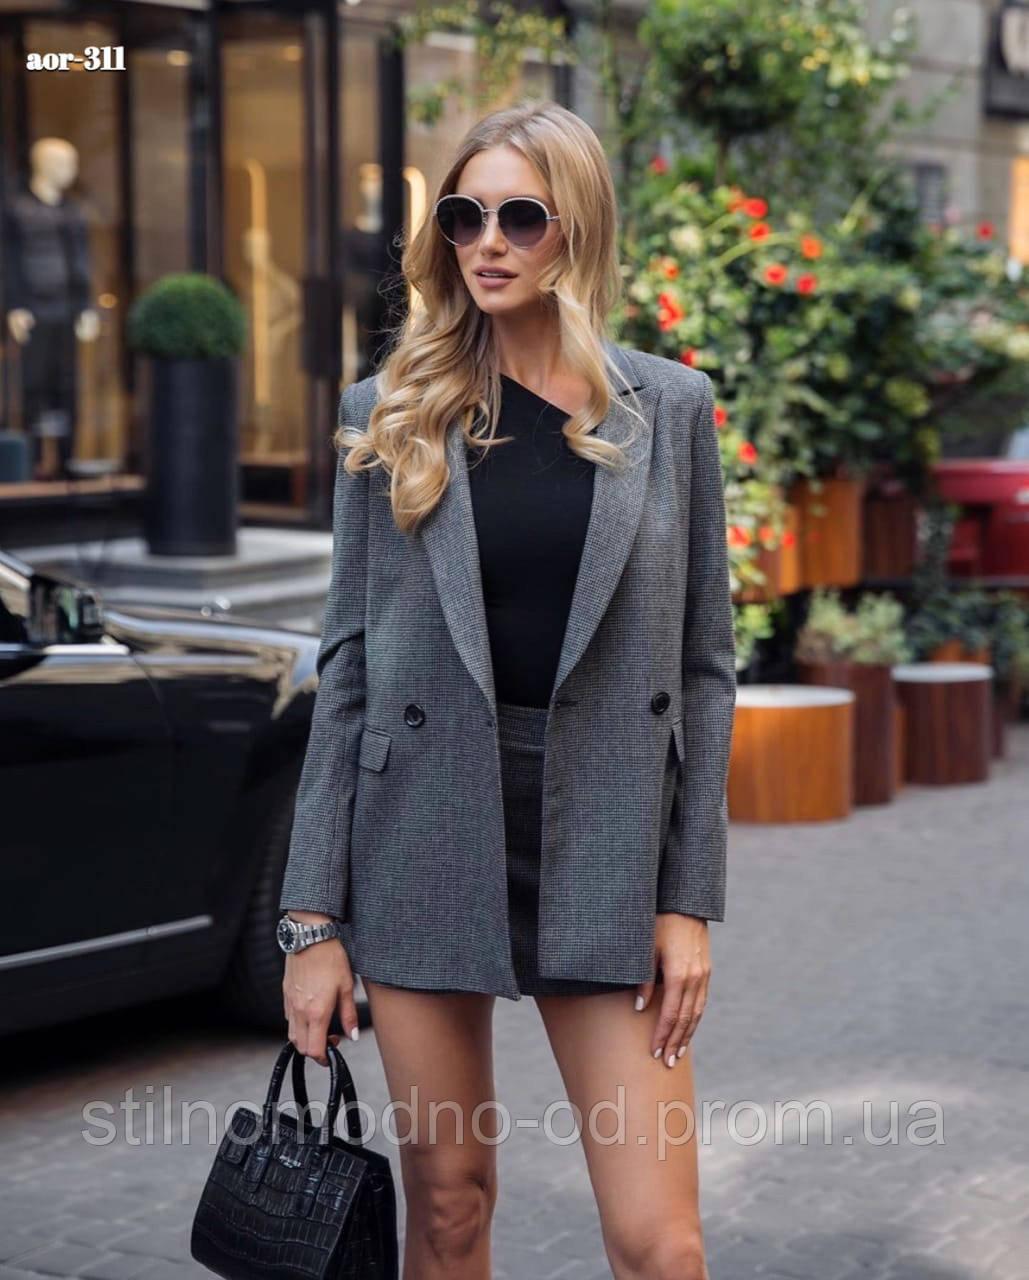 """Жіночий костюм """"Латард"""" від Стильномодно"""